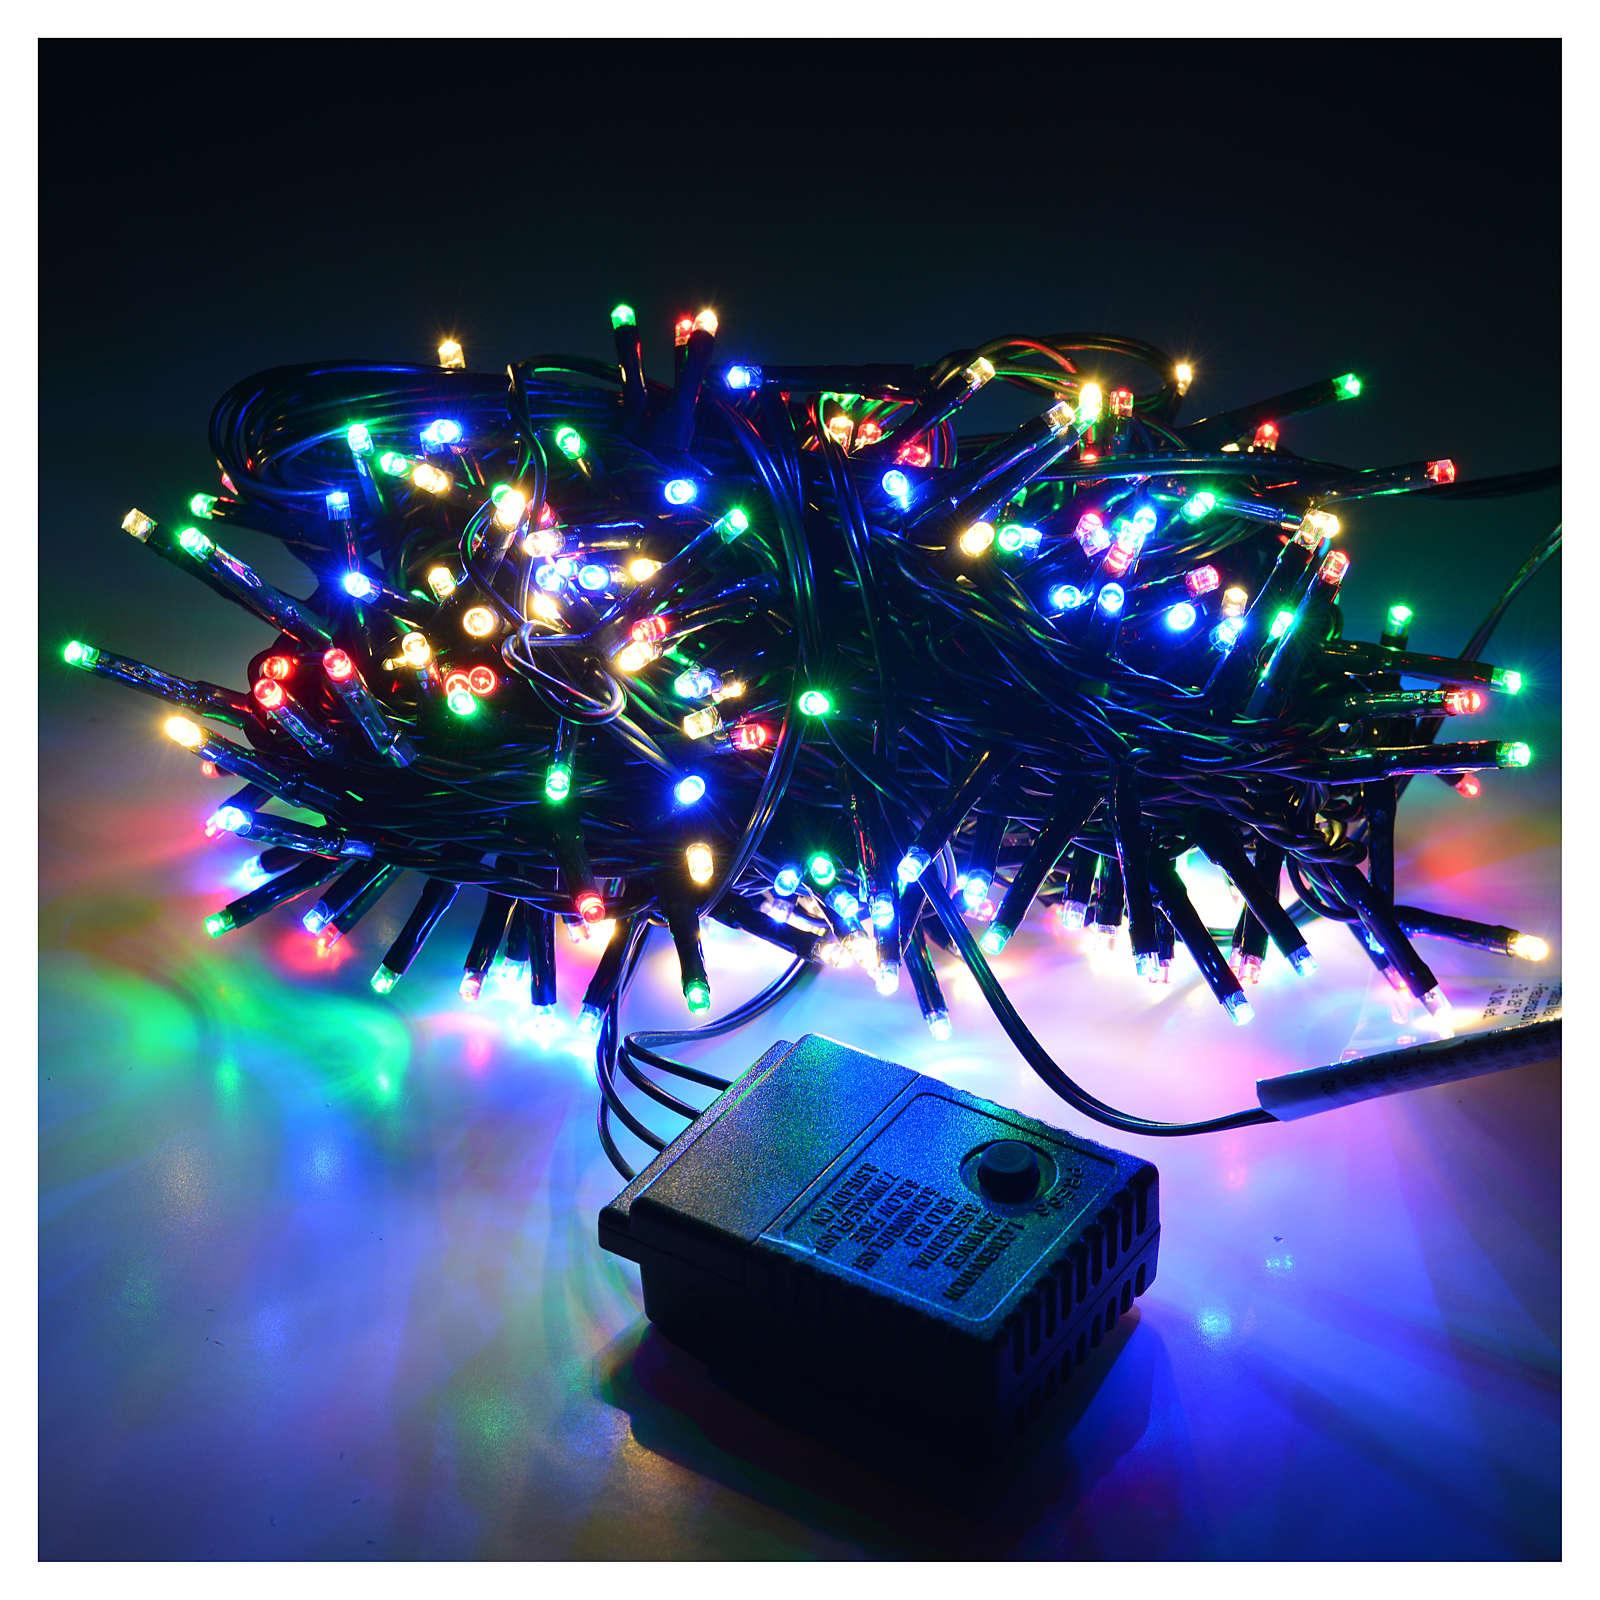 Luci di Natale 240 miniled multicolor per esterni-interni 3